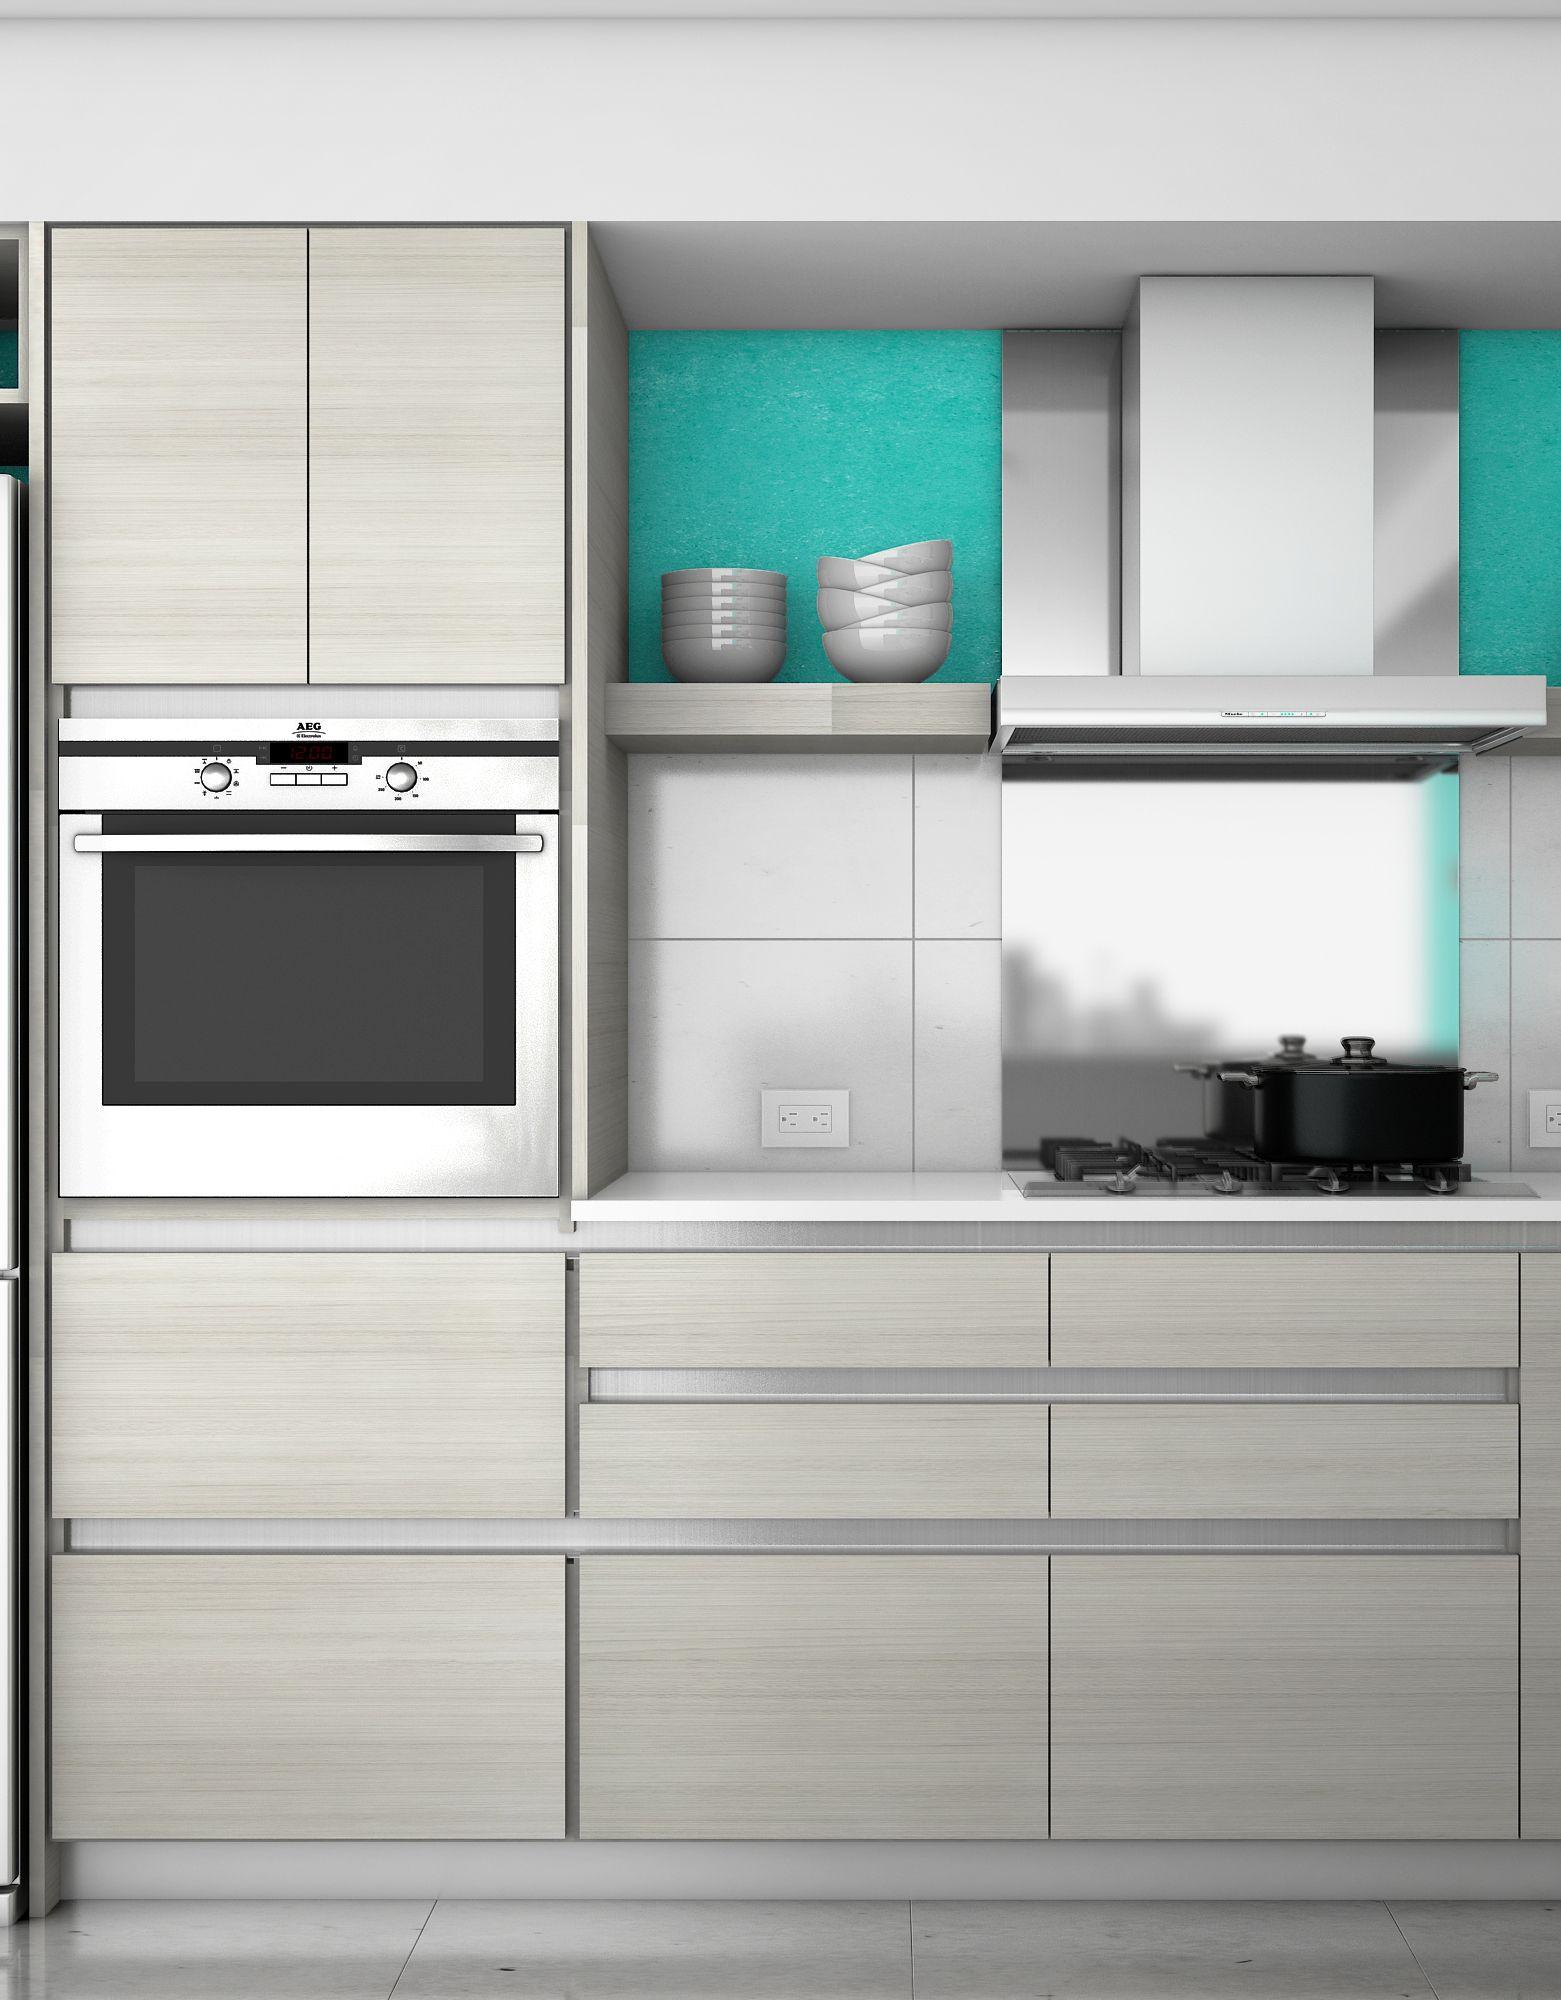 M s de 25 ideas incre bles sobre tiradores de cocina en for Tiradores armarios ikea